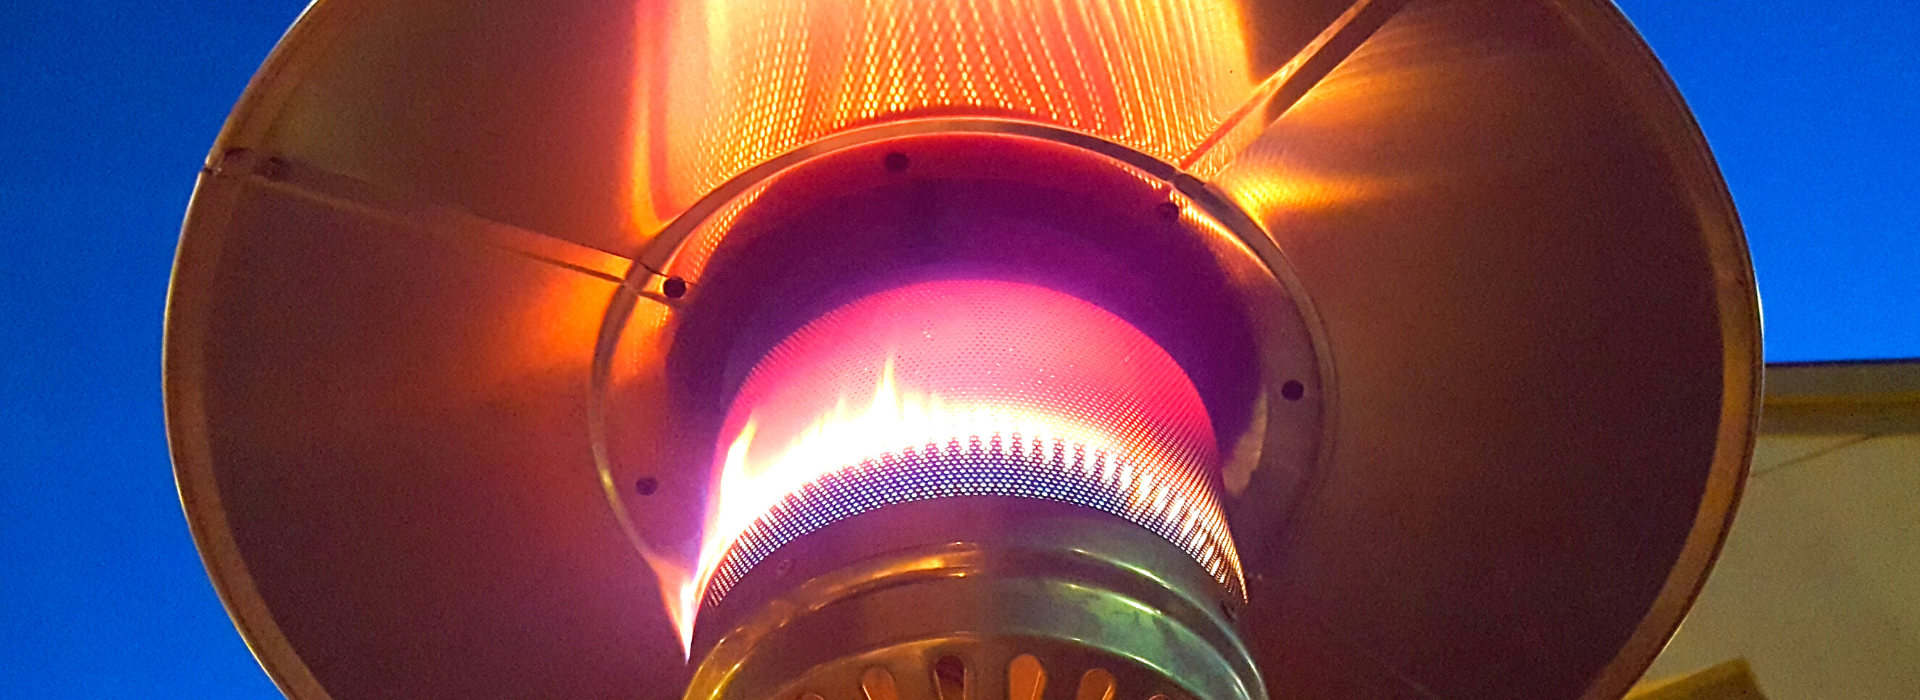 Pros of Propane Patio Heaters